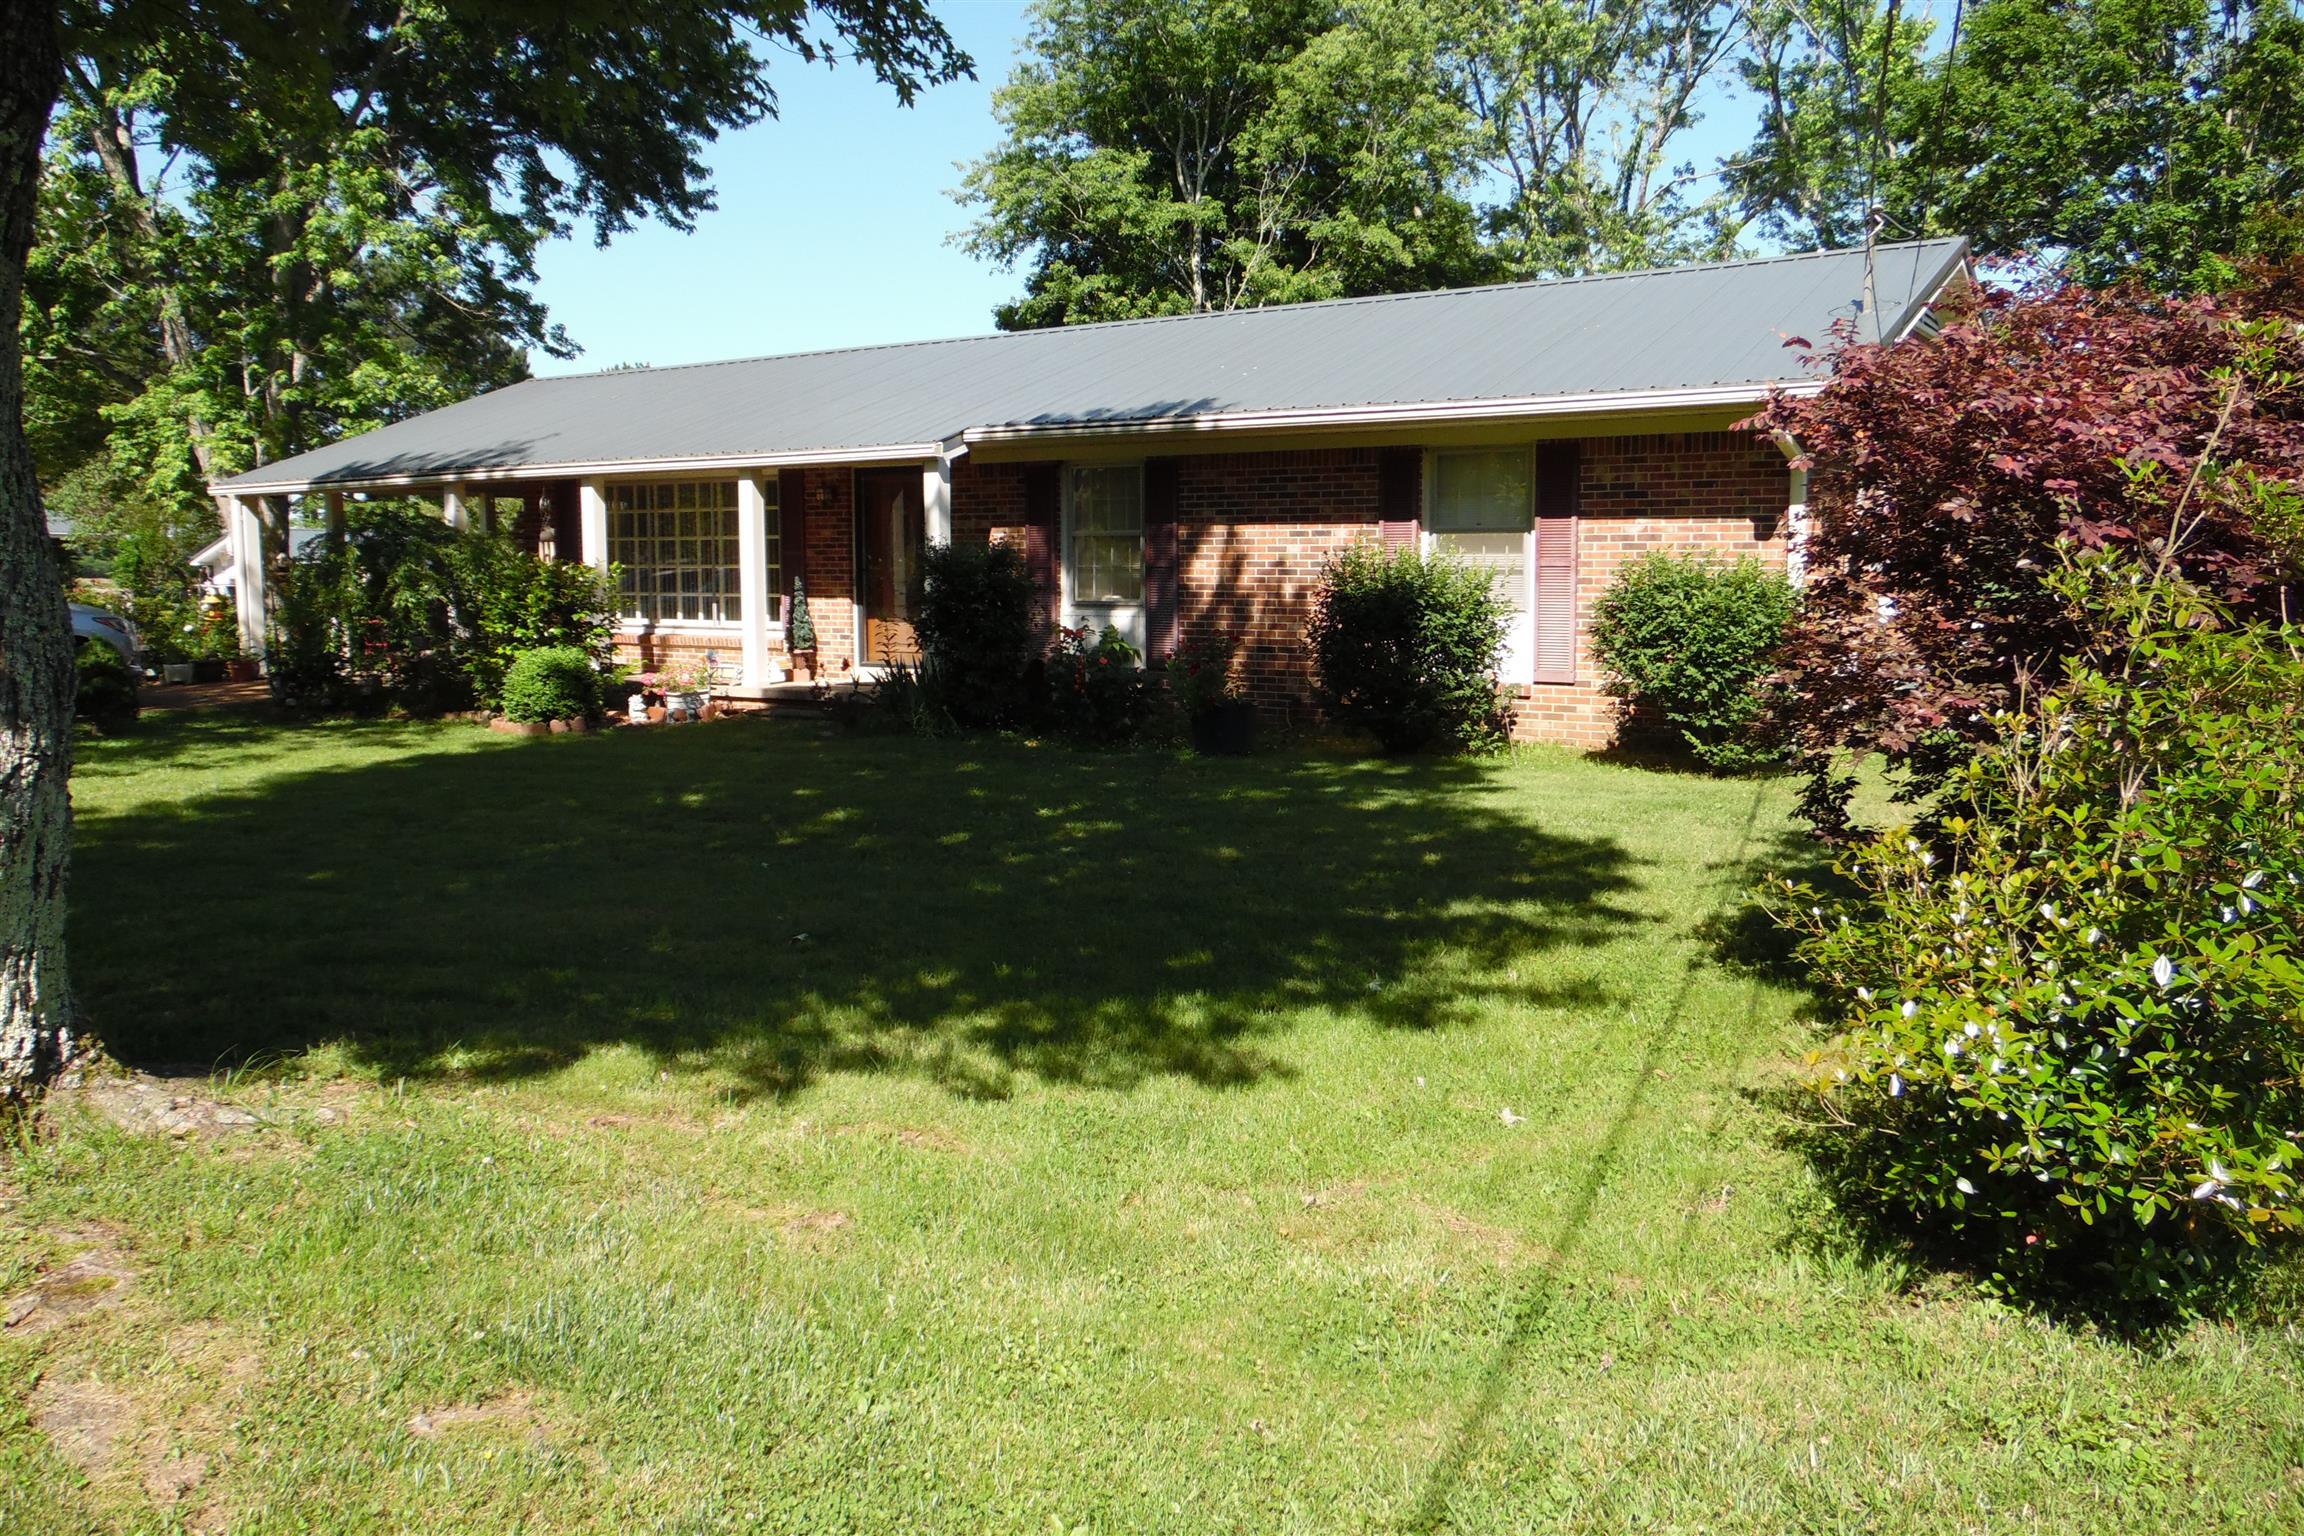 713 Brenda Ave, Loretto, TN 38469 - Loretto, TN real estate listing